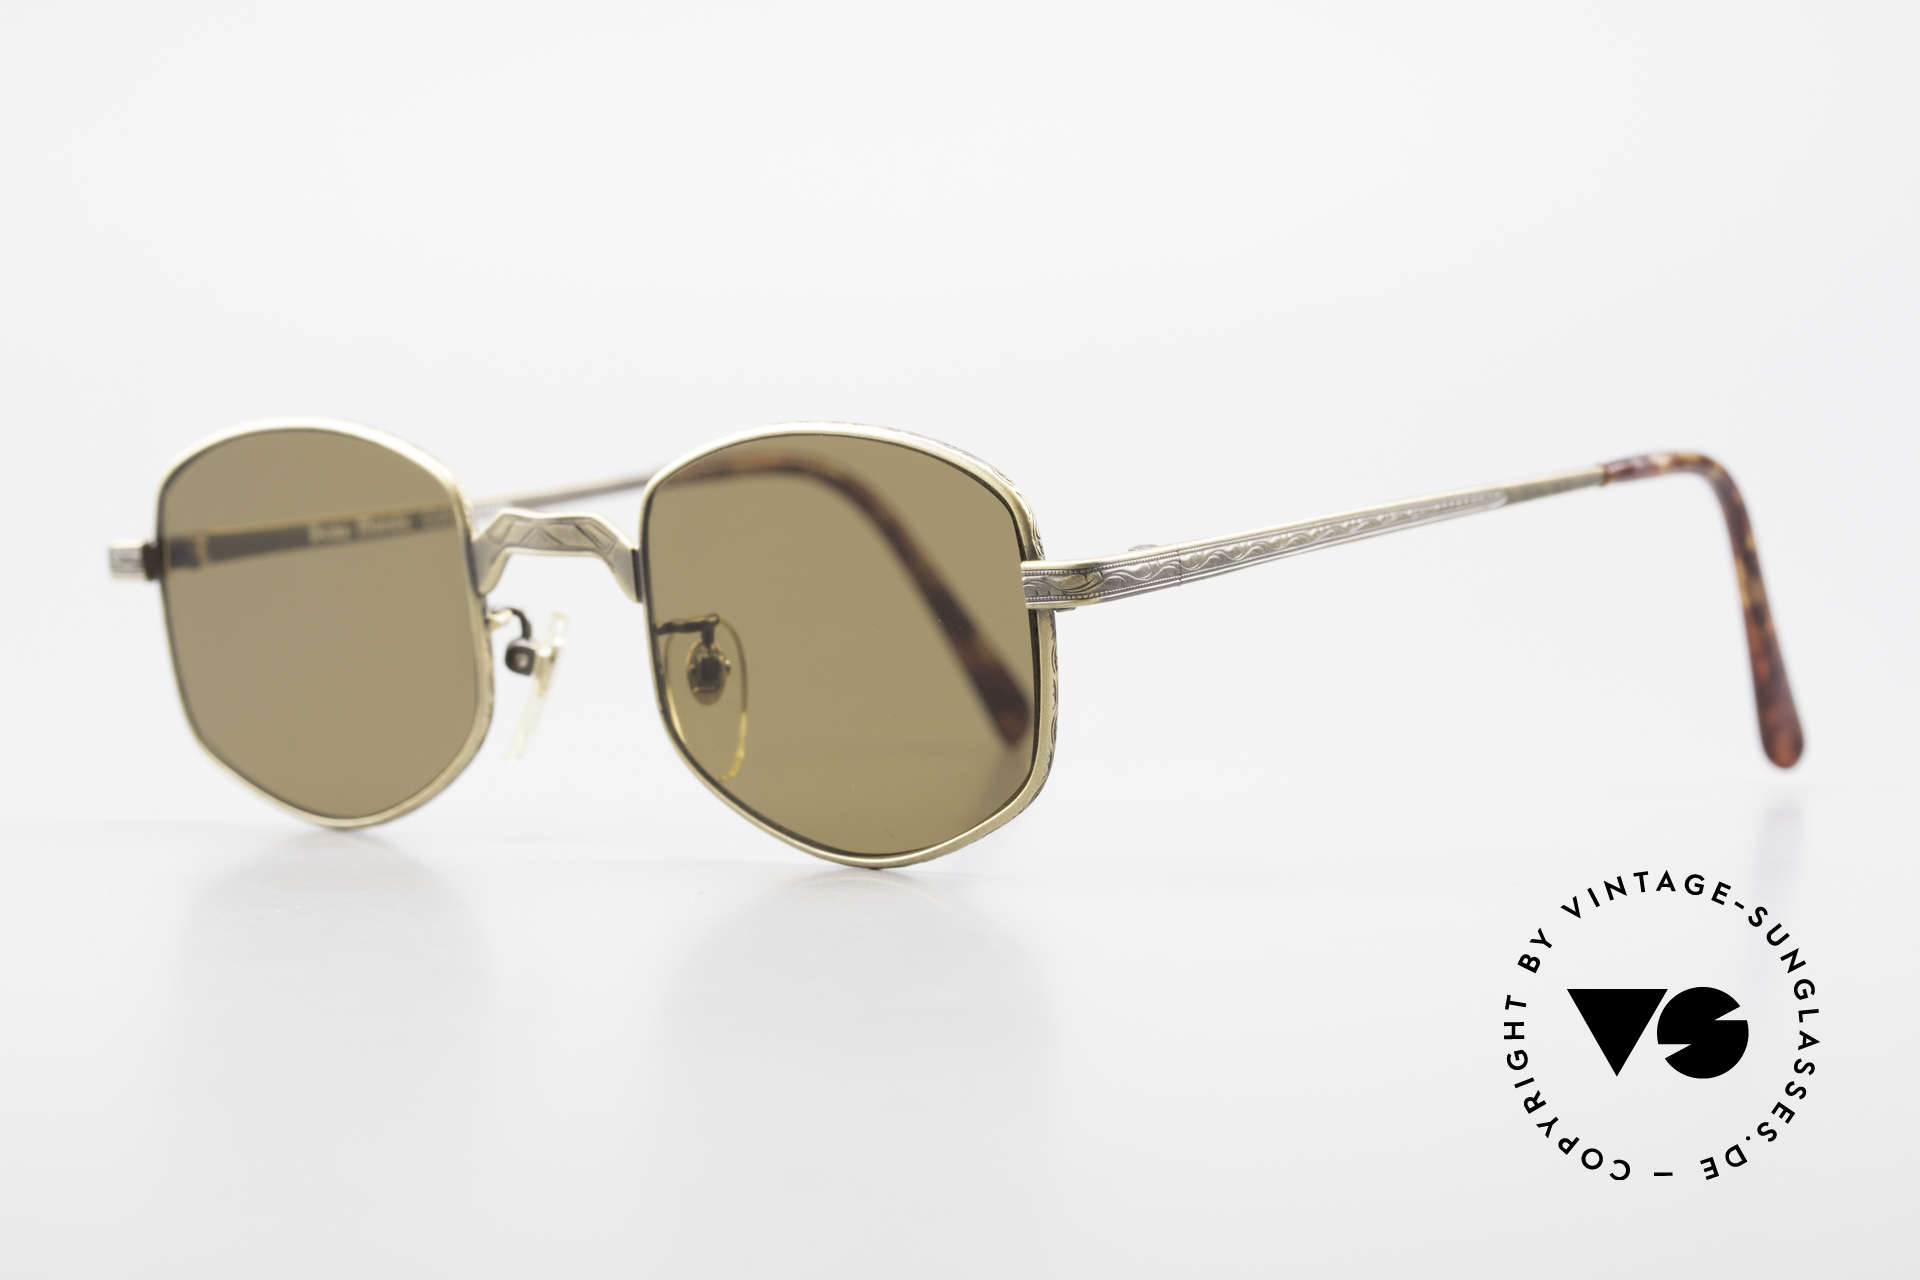 Beau Monde Dover Alte 90er Insider Sonnenbrille, Modell-Namen nach schönen Orten dieser Welt benannt, Passend für Herren und Damen